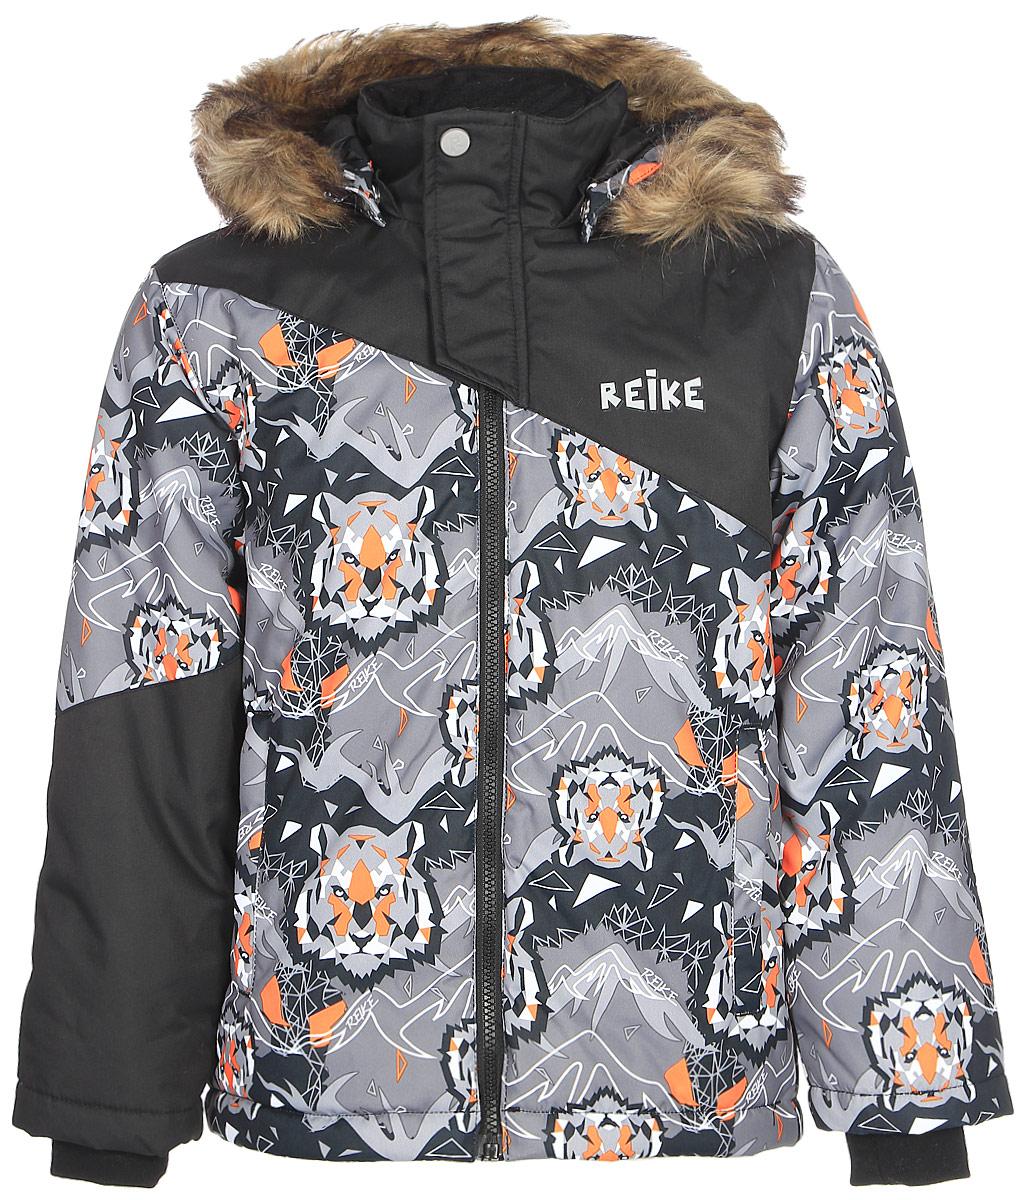 Куртка для мальчика Reike, цвет: серый. 3925510_TGR grey. Размер 1283925510_TGR greyКуртка для мальчика Reike Tiger изготовлена из ветрозащитного, водоотталкивающего и дышащего материала декорирована оригинальным принтом со стилизованными изображениями тигра. Подкладка выполнена из принтованного полиэстера с флисовым подкладом. Куртка дополнена съемным регулирующимся капюшоном с отстегивающимся мехом, двумя карманами на молнии, светоотражающими элементами. Манжеты на резинке, регулируемая утяжка внизу куртки и внутренняя ветрозащитная планка вдоль молнии не допустят проникновения холодного воздуха. Дополнительную защиту от ветра обеспечивает короткая ветрозащитная планка на кнопках и липучках, расположенная у горловины.Базовый уровень. Коэффициент воздухопроницаемости куртки: 2000гр/м2/24 ч. Водоотталкивающее покрытие: 2000 мм.